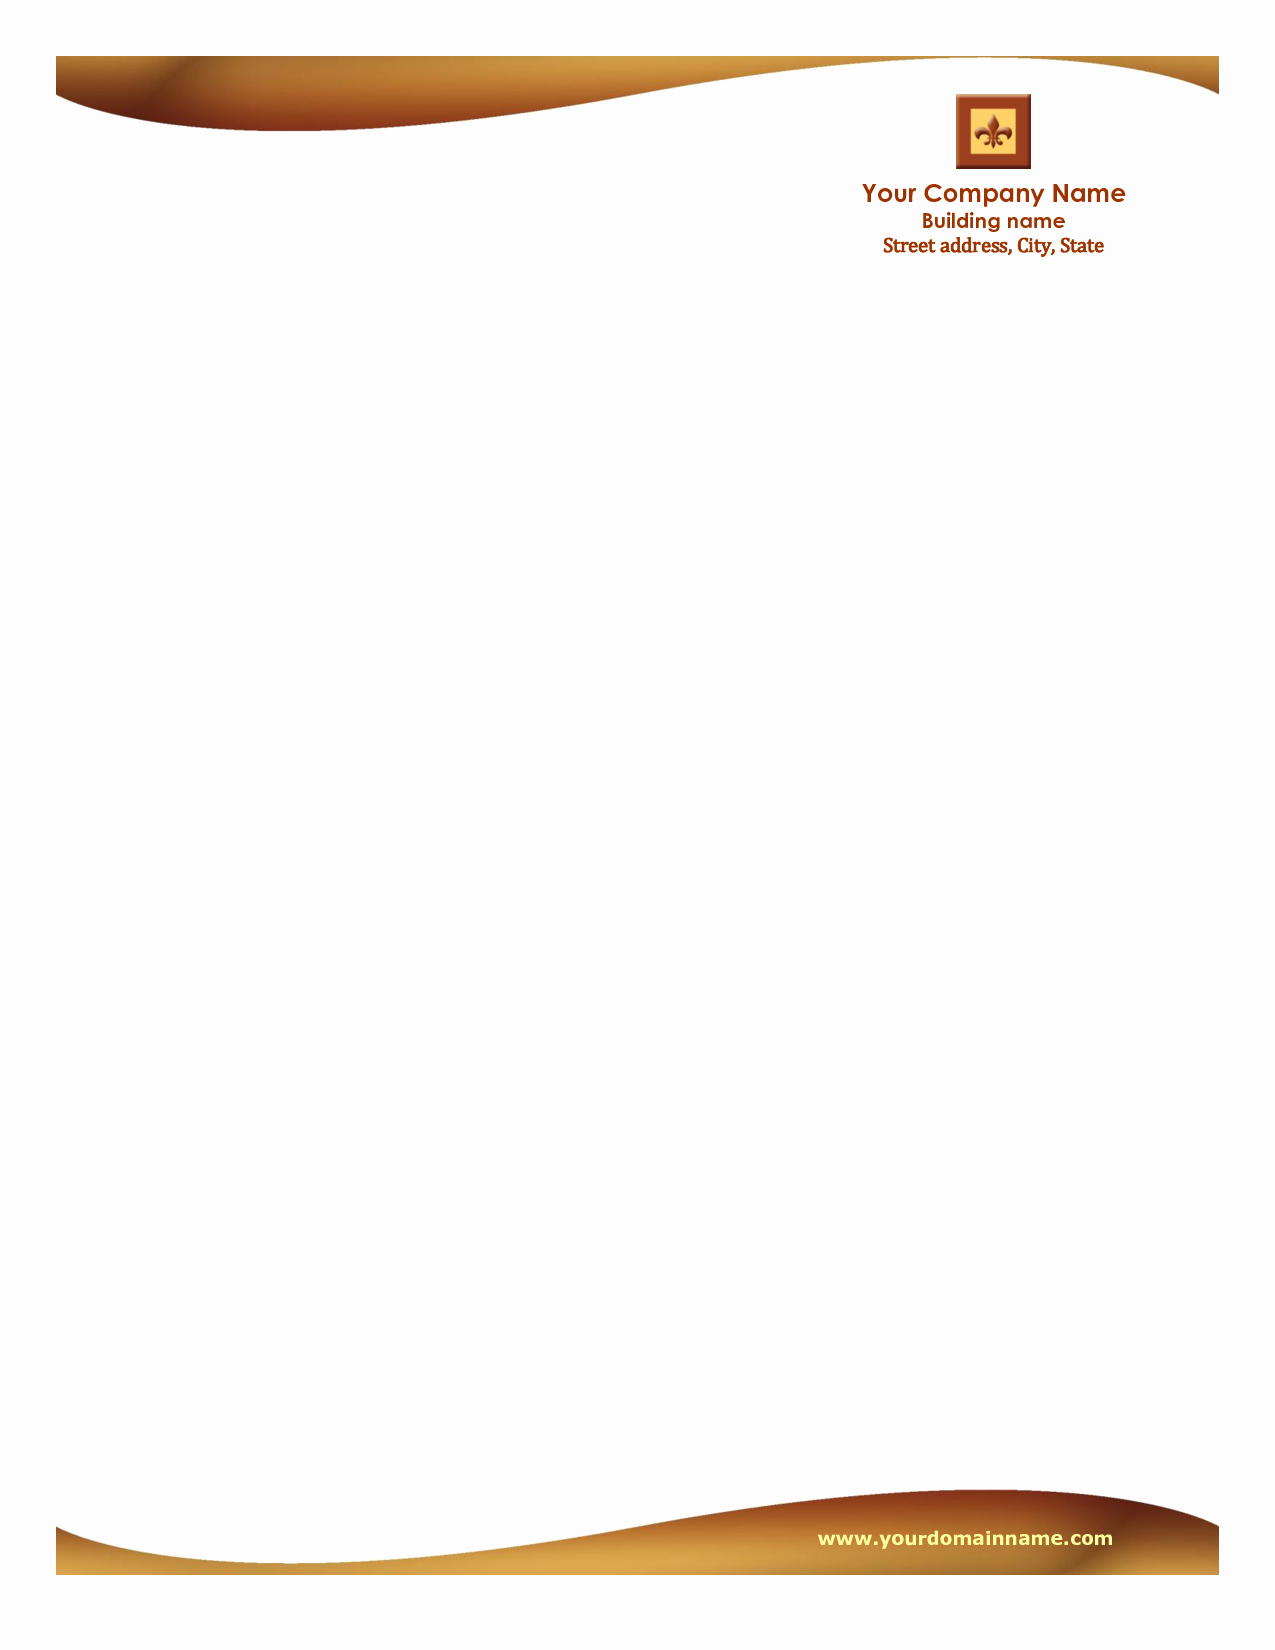 Letterhead Template Editable Letterhead Templates Free Free - Free Printable Letterhead Templates